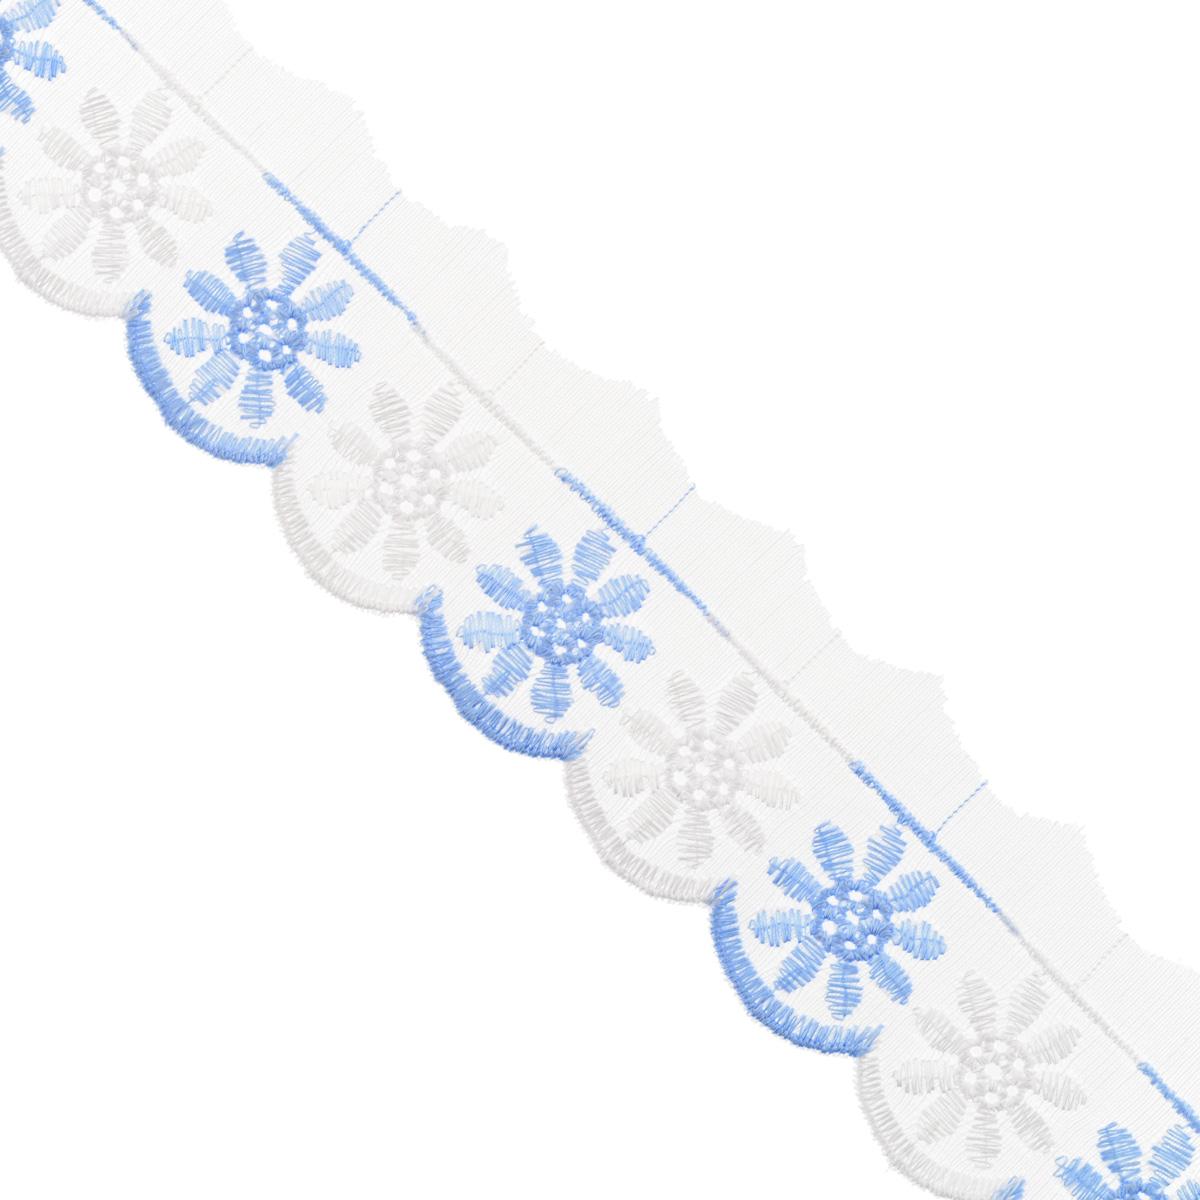 Тесьма отделочная Астра, цвет: голубой, ширина 5 см, длина 9 м. 77043787704378Отделочная тесьма Астра, изготовленная из хлопка, предназначена для декорирования. Такая тесьма может создает эффект ручной работы на предмете одежды, что придаст ей неповторимость, сэкономив при этом ваше время на создание изделия. Также она идеально подойдет для оформления различных творческих работ таких, как скрапбукинг, аппликация, декор коробок и открыток и многое другое. Тесьма наивысшего качества практична в использовании. Она станет незаменимым элементом в создании рукотворного шедевра. Ширина: 5 см. Длина: 9 м.